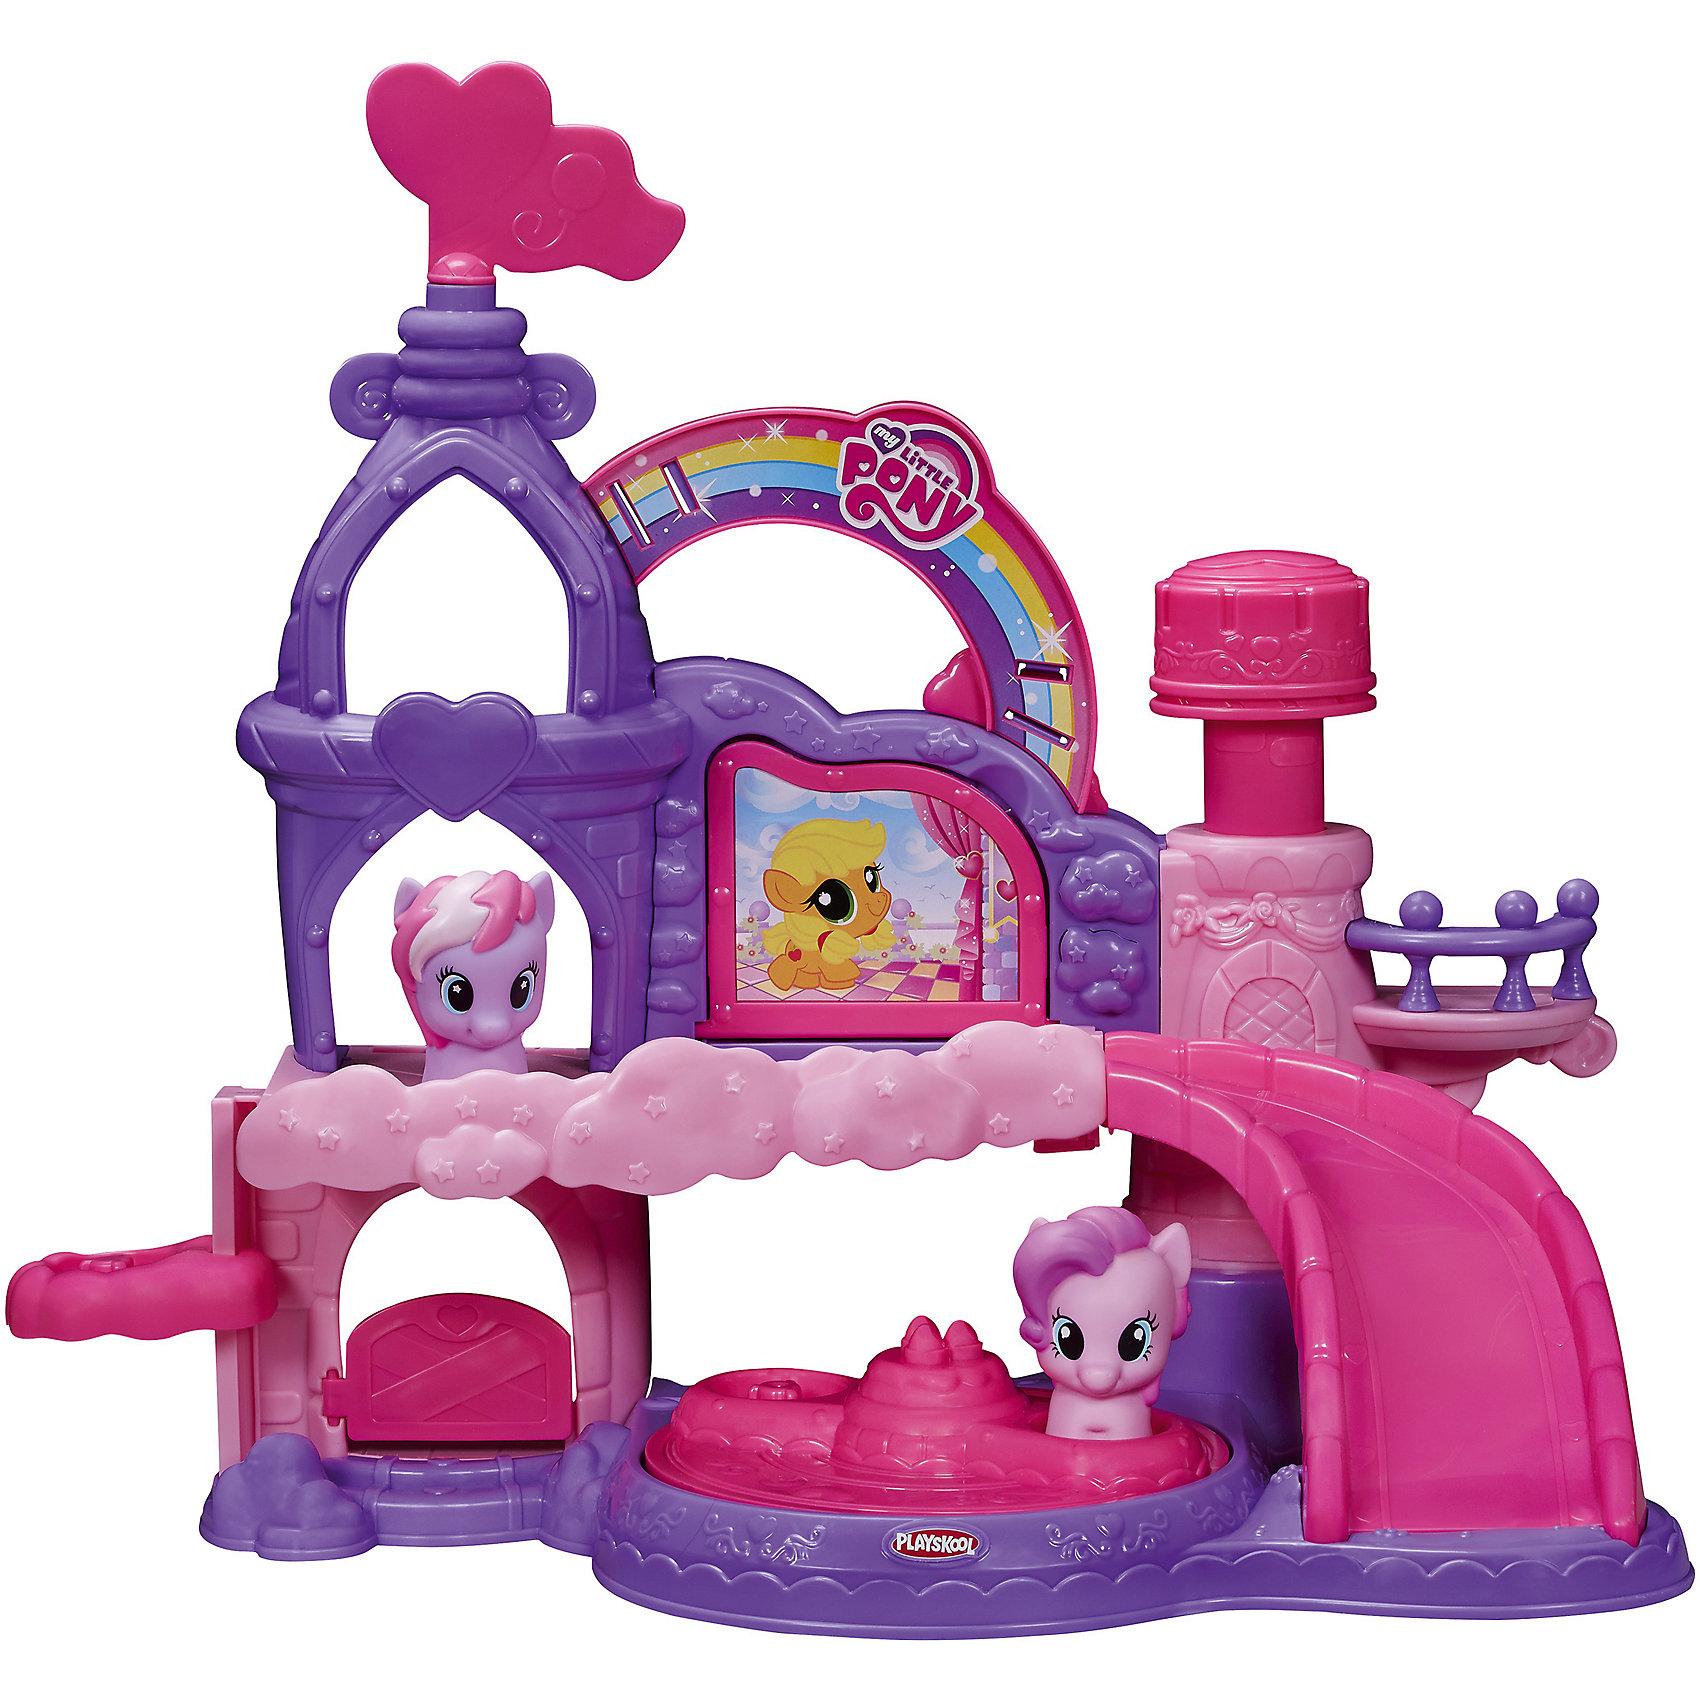 Музыкальный замок Пони, My little Pony, PLAYSKOOLMy little Pony<br>Благодаря 5 подвижным частям, Музыкальный Замок развивает моторику ребенка. В комплекте идут 2 фигурки пони.<br><br>Ширина мм: 81<br>Глубина мм: 483<br>Высота мм: 406<br>Вес г: 1600<br>Возраст от месяцев: 18<br>Возраст до месяцев: 72<br>Пол: Женский<br>Возраст: Детский<br>SKU: 4252296